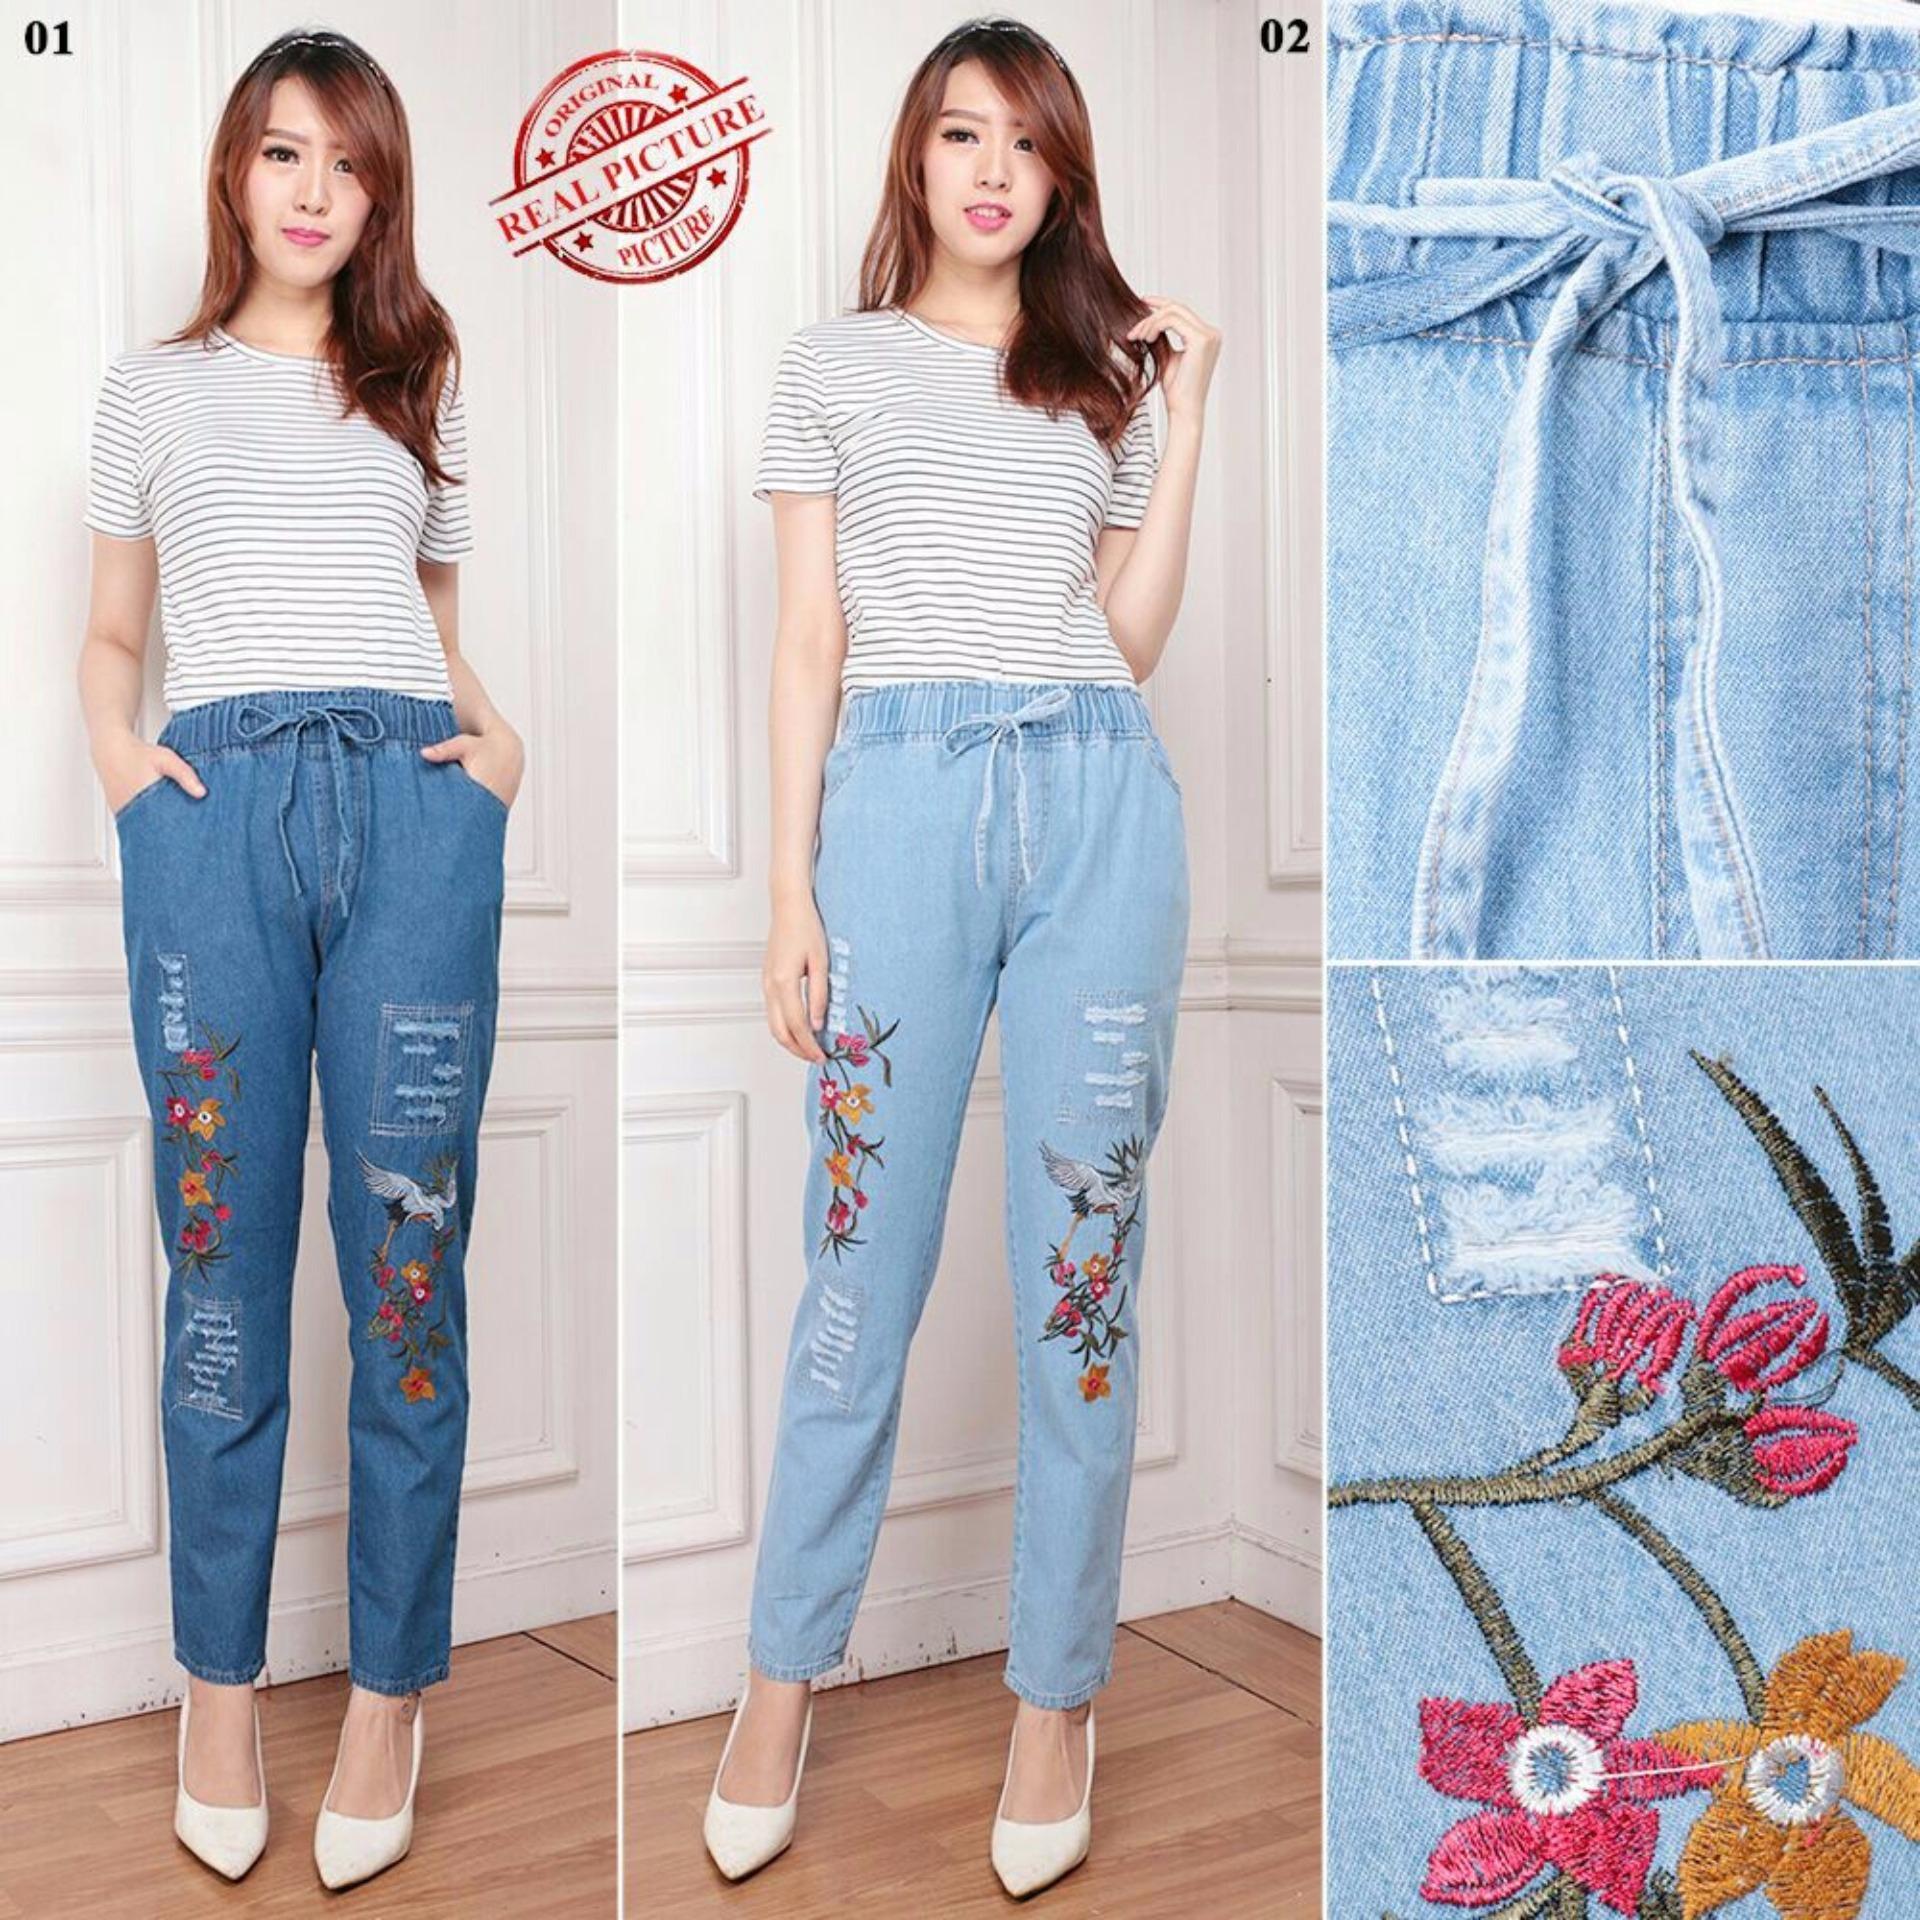 Cj collection Celana jeans panjang wanita jumbo long pant Floxi - 01 biru tua